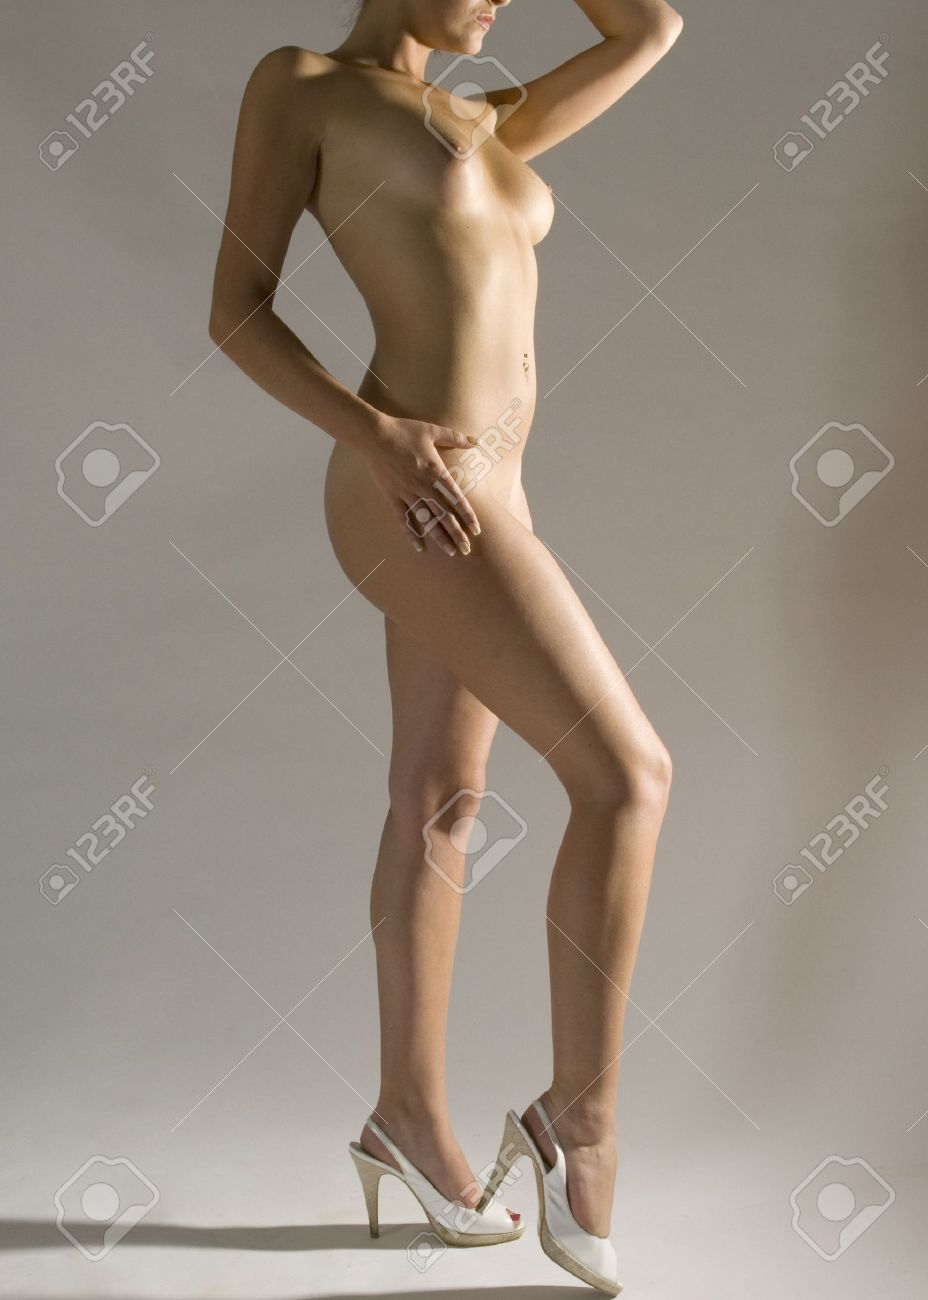 Xxx Yoko littner fesuta gurren lagann hentai